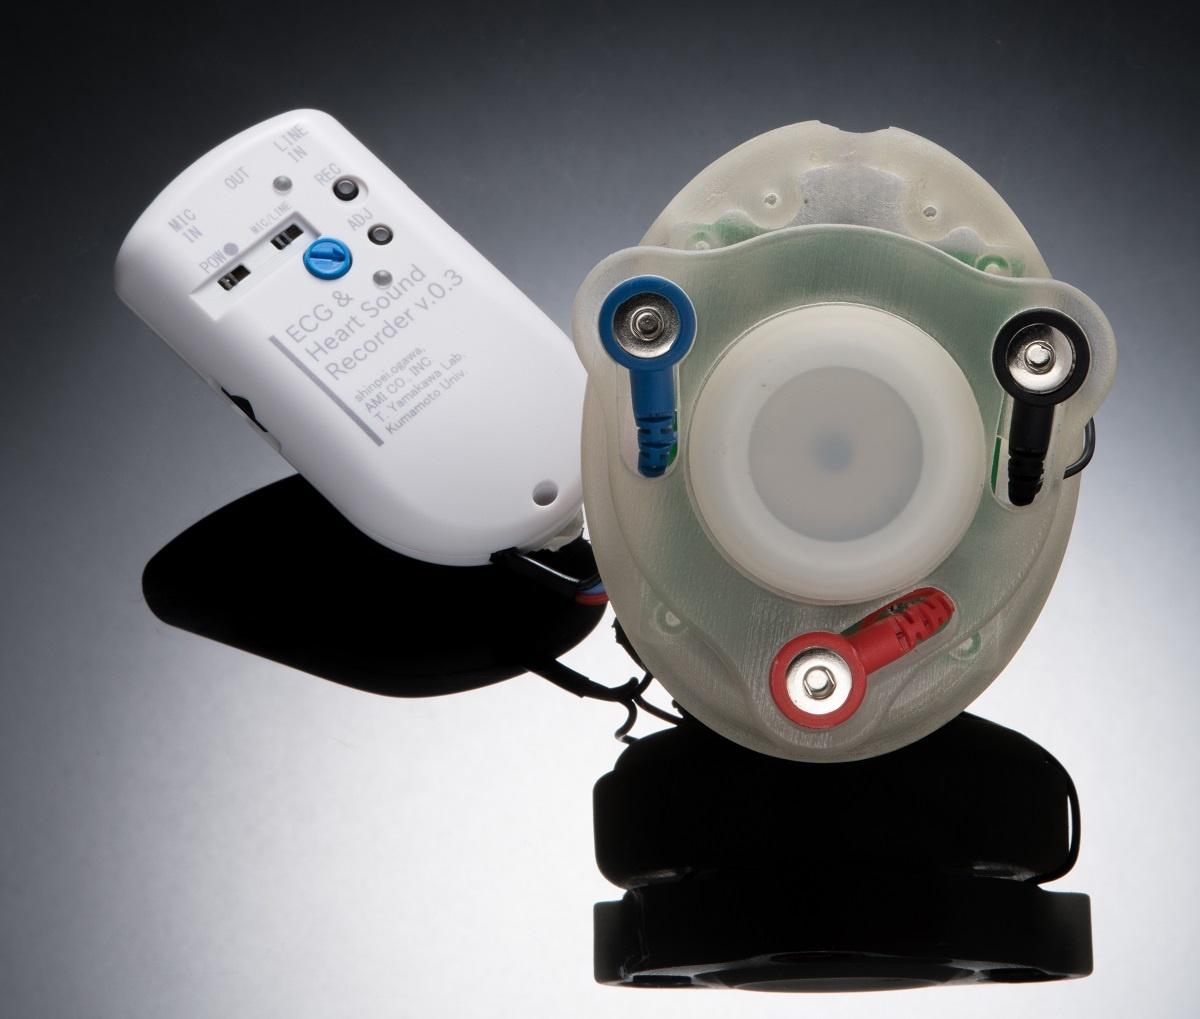 開発中となる超聴診器のイメージ。前部のデバイスを胸に当てて音を取る